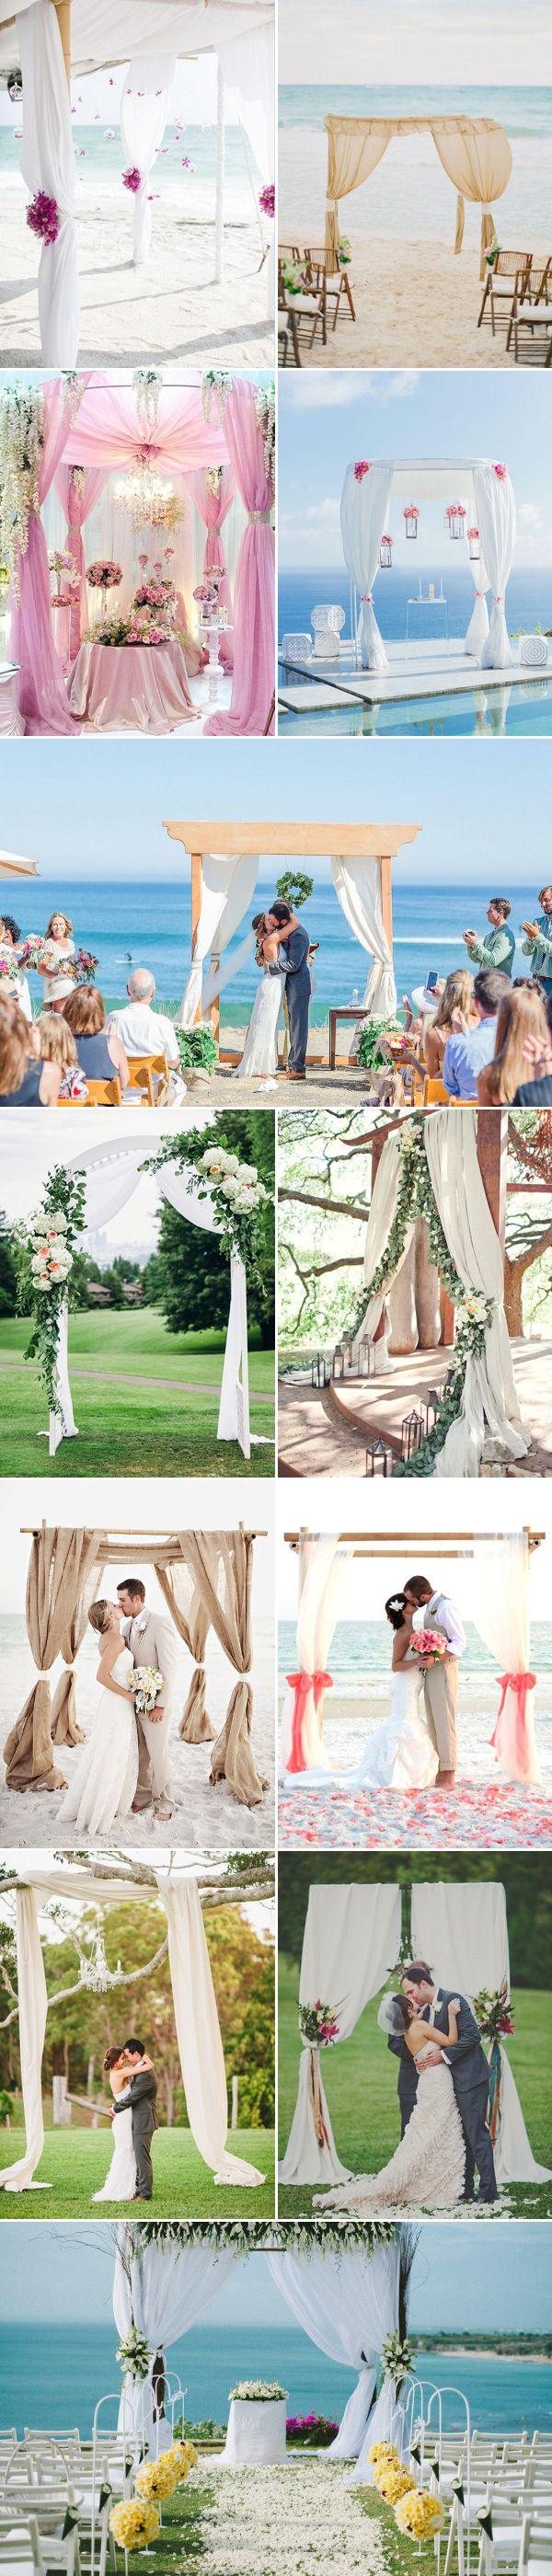 decoración bodas en la playa #lunamiel                                                                                                                                                                                 Más